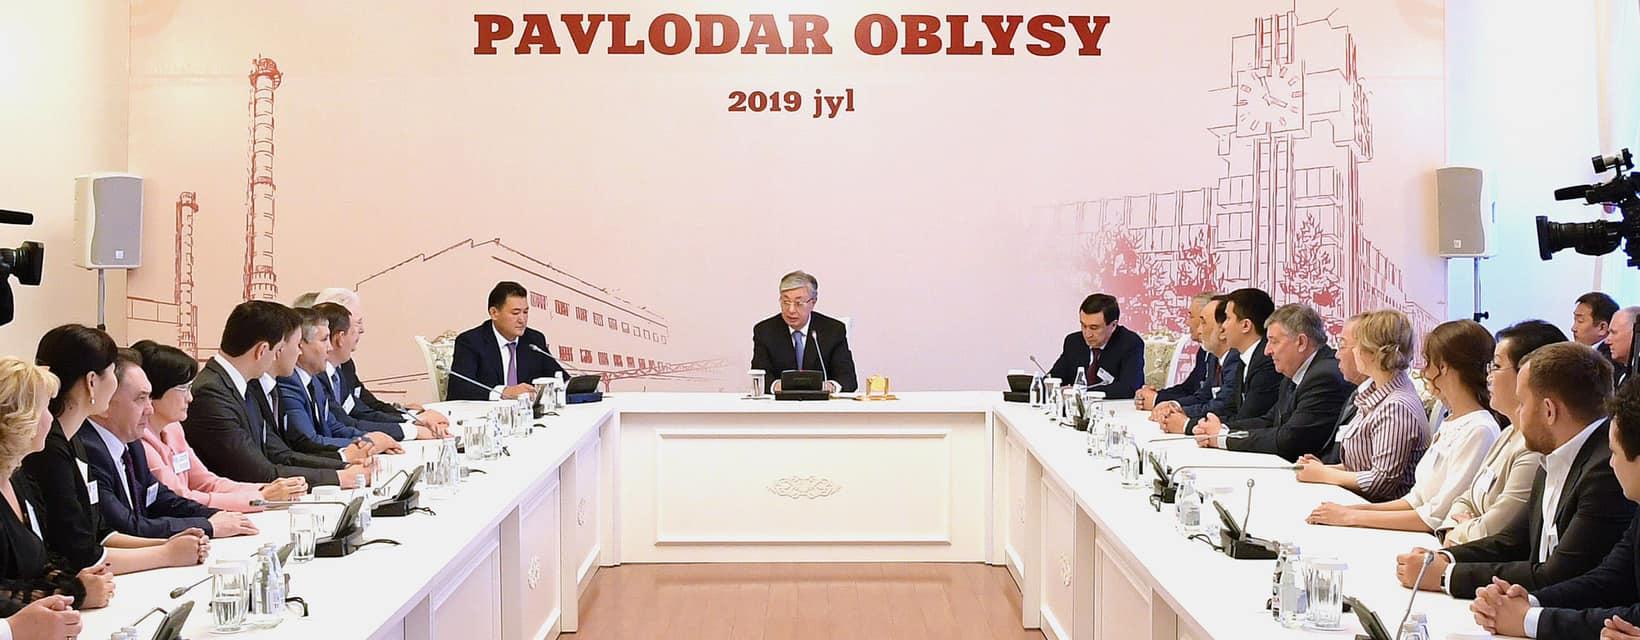 Касым-Жомарт Токаев: «Не надо вмешиваться в деятельность судов, несмотря на кажущиеся гражданам неадекватные судебные решения»